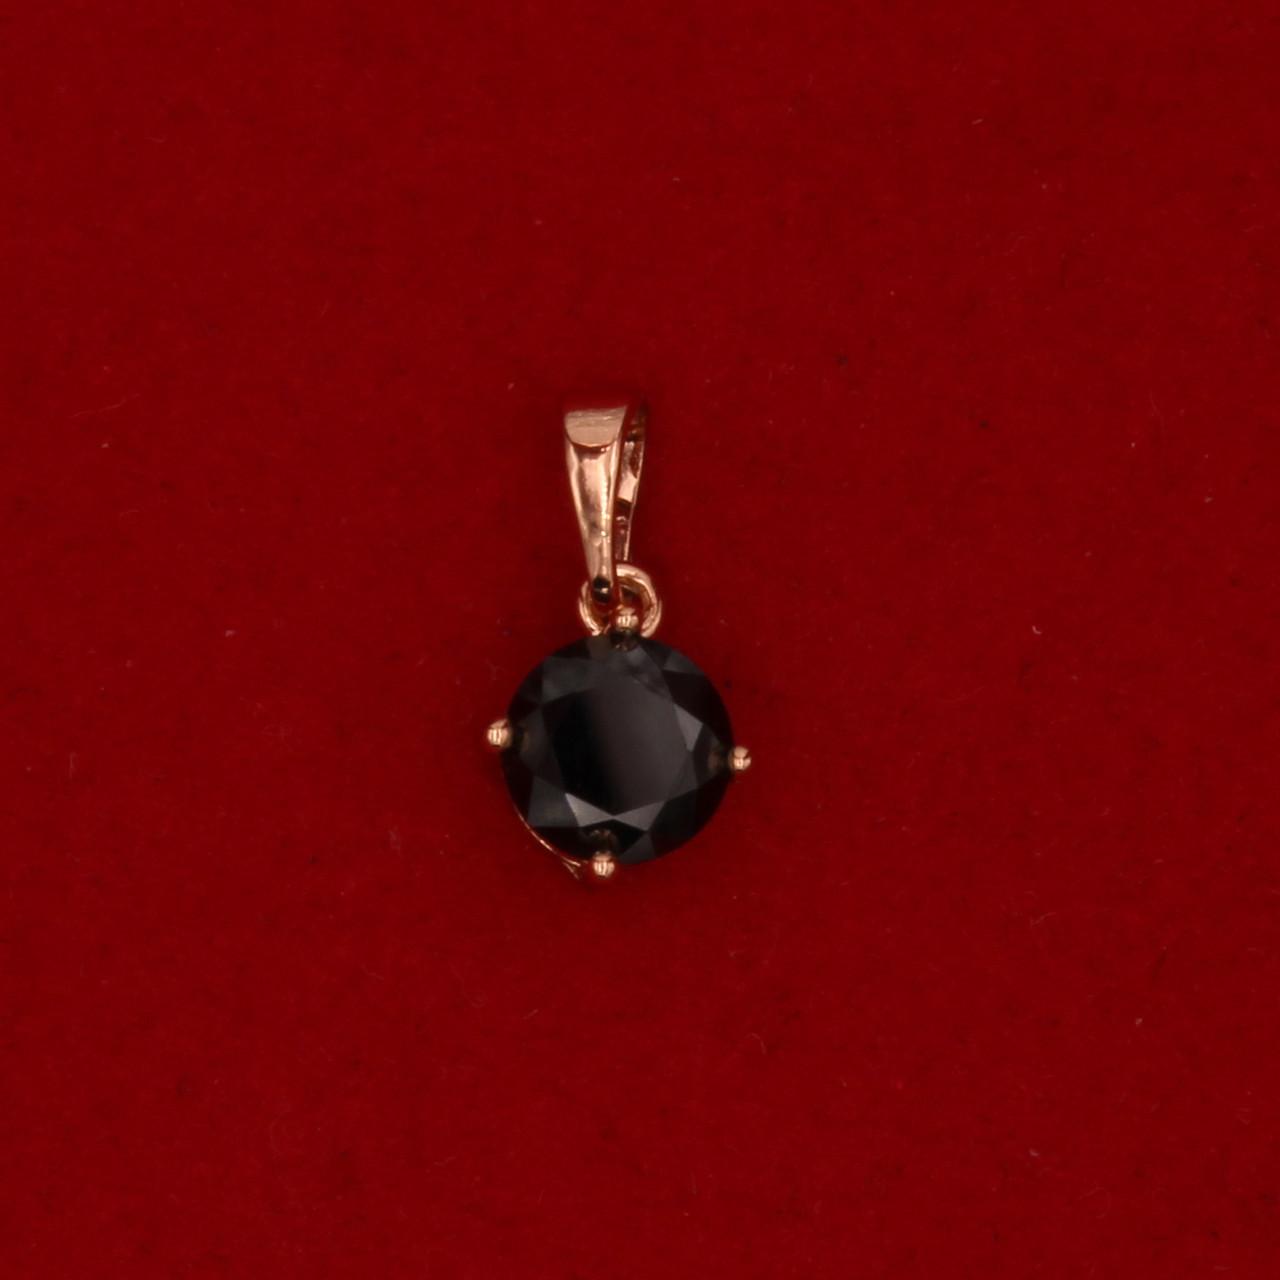 Кулон Xuping для жінки Чорний, позолота, циркон 16мм